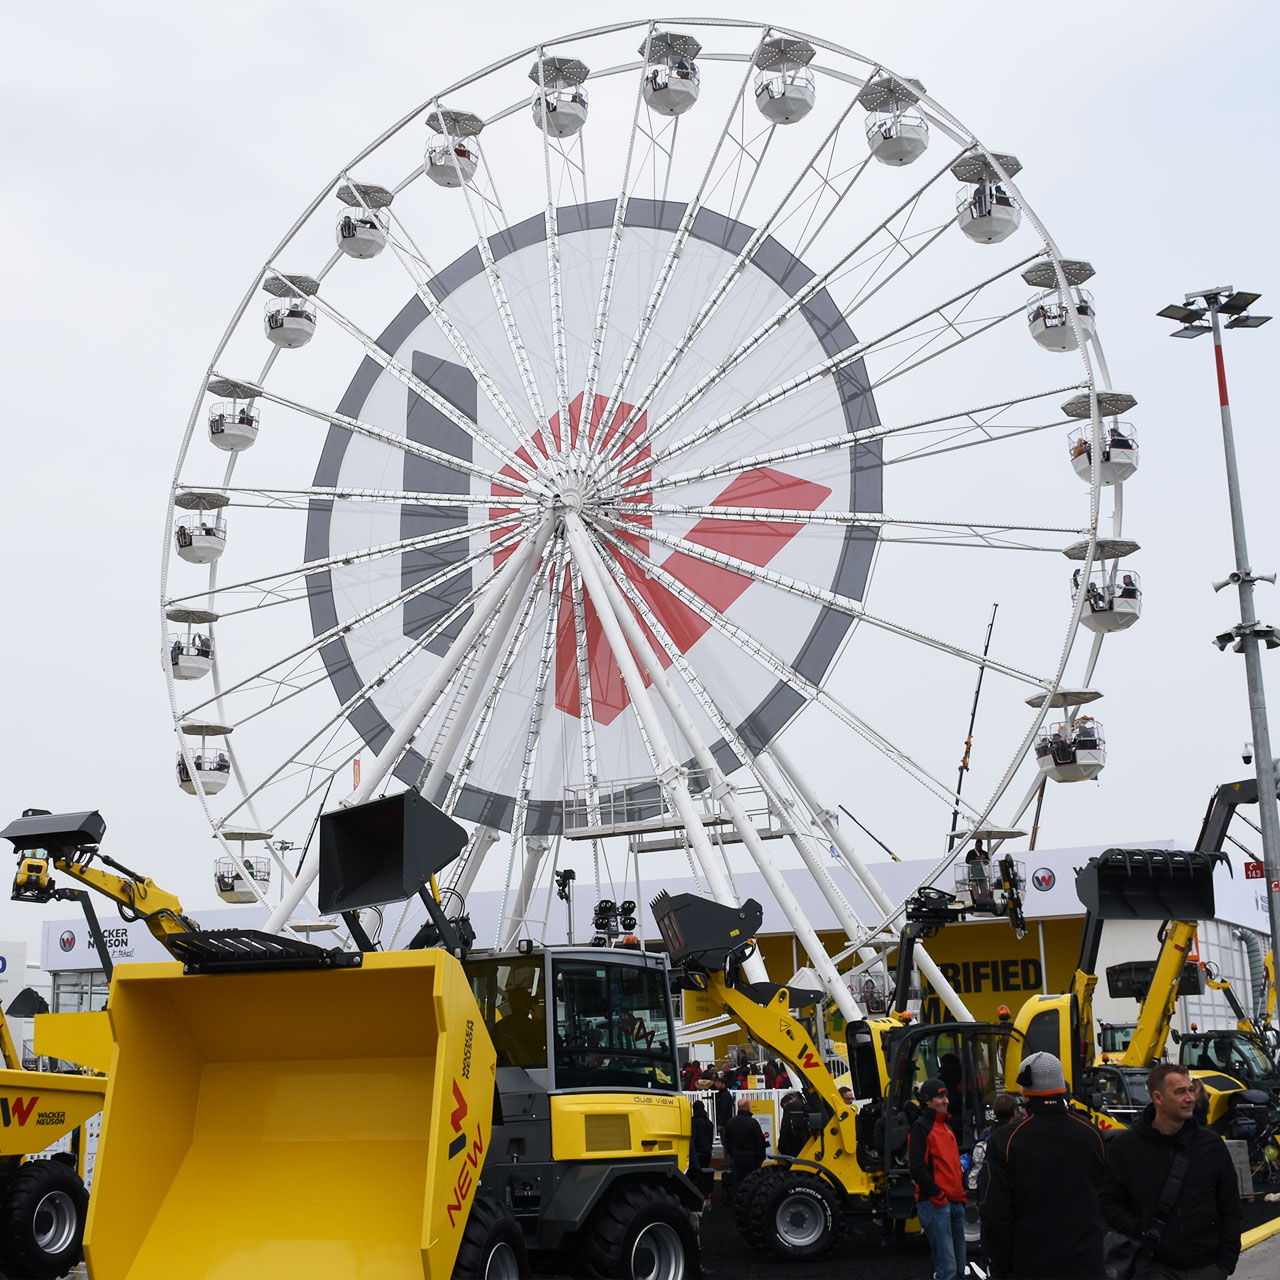 Wacker-Neuson: Riesenrad auf der bauma 2019